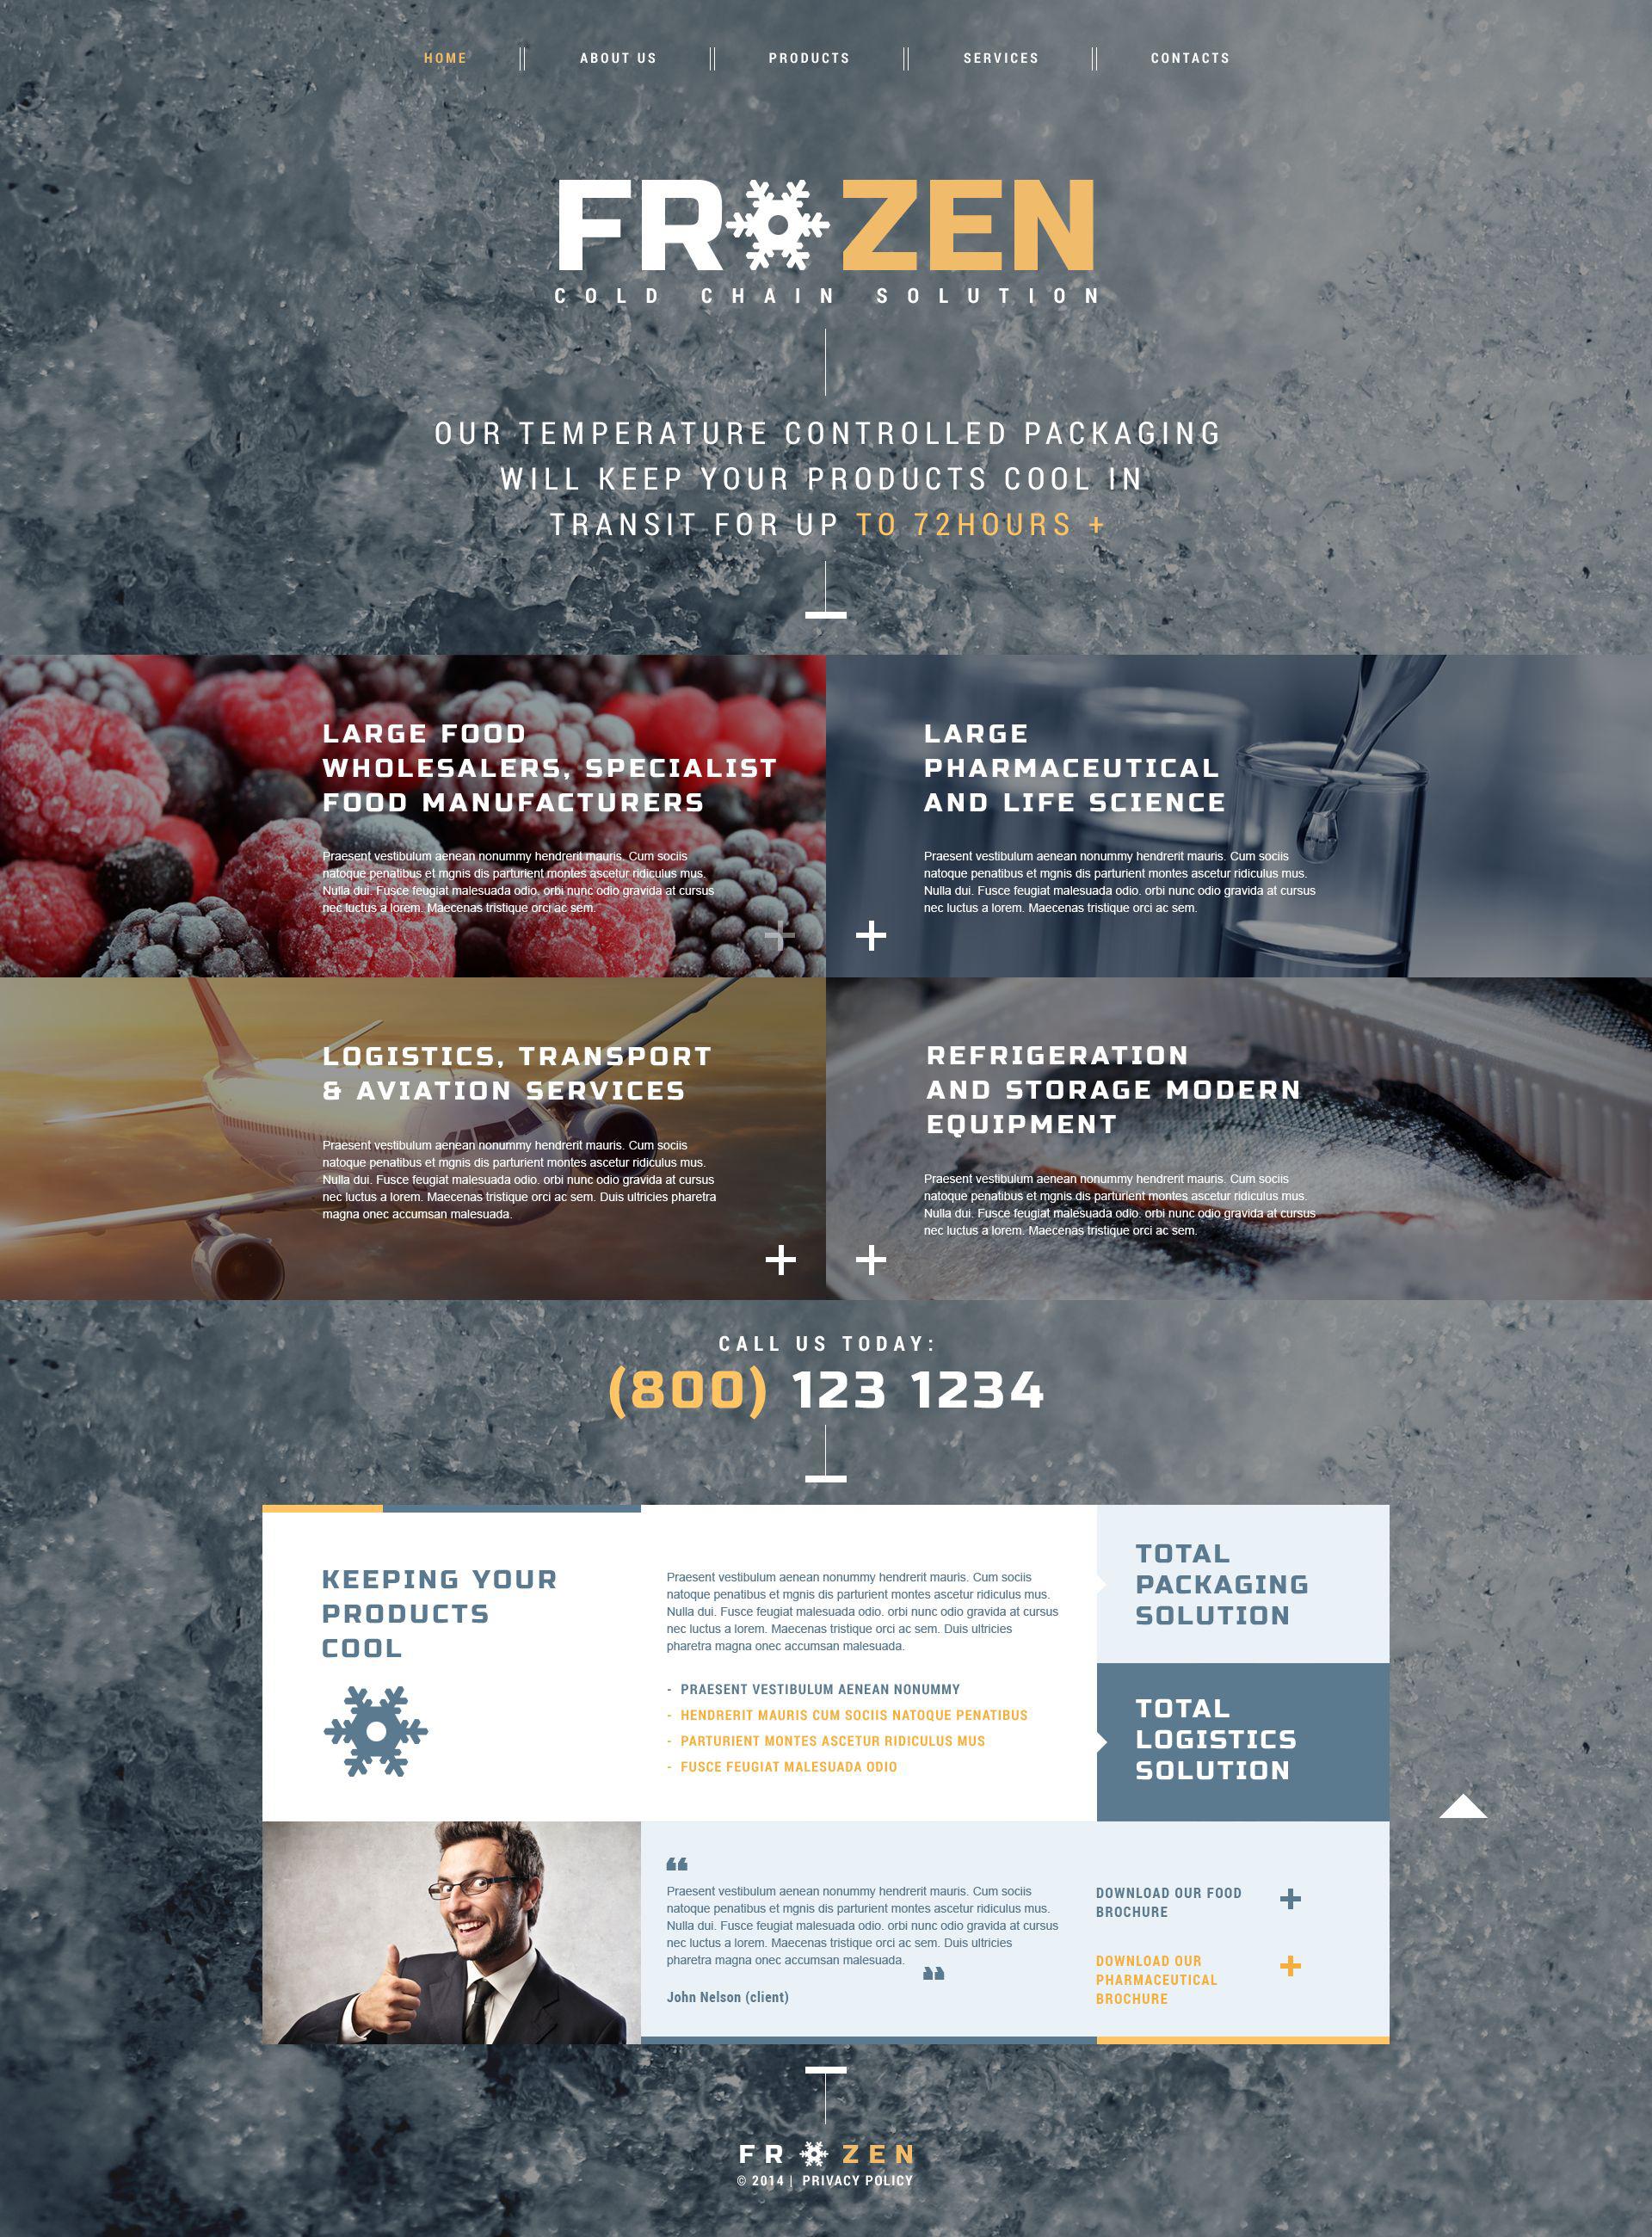 Frozen Food Responsive Website Template - screenshot